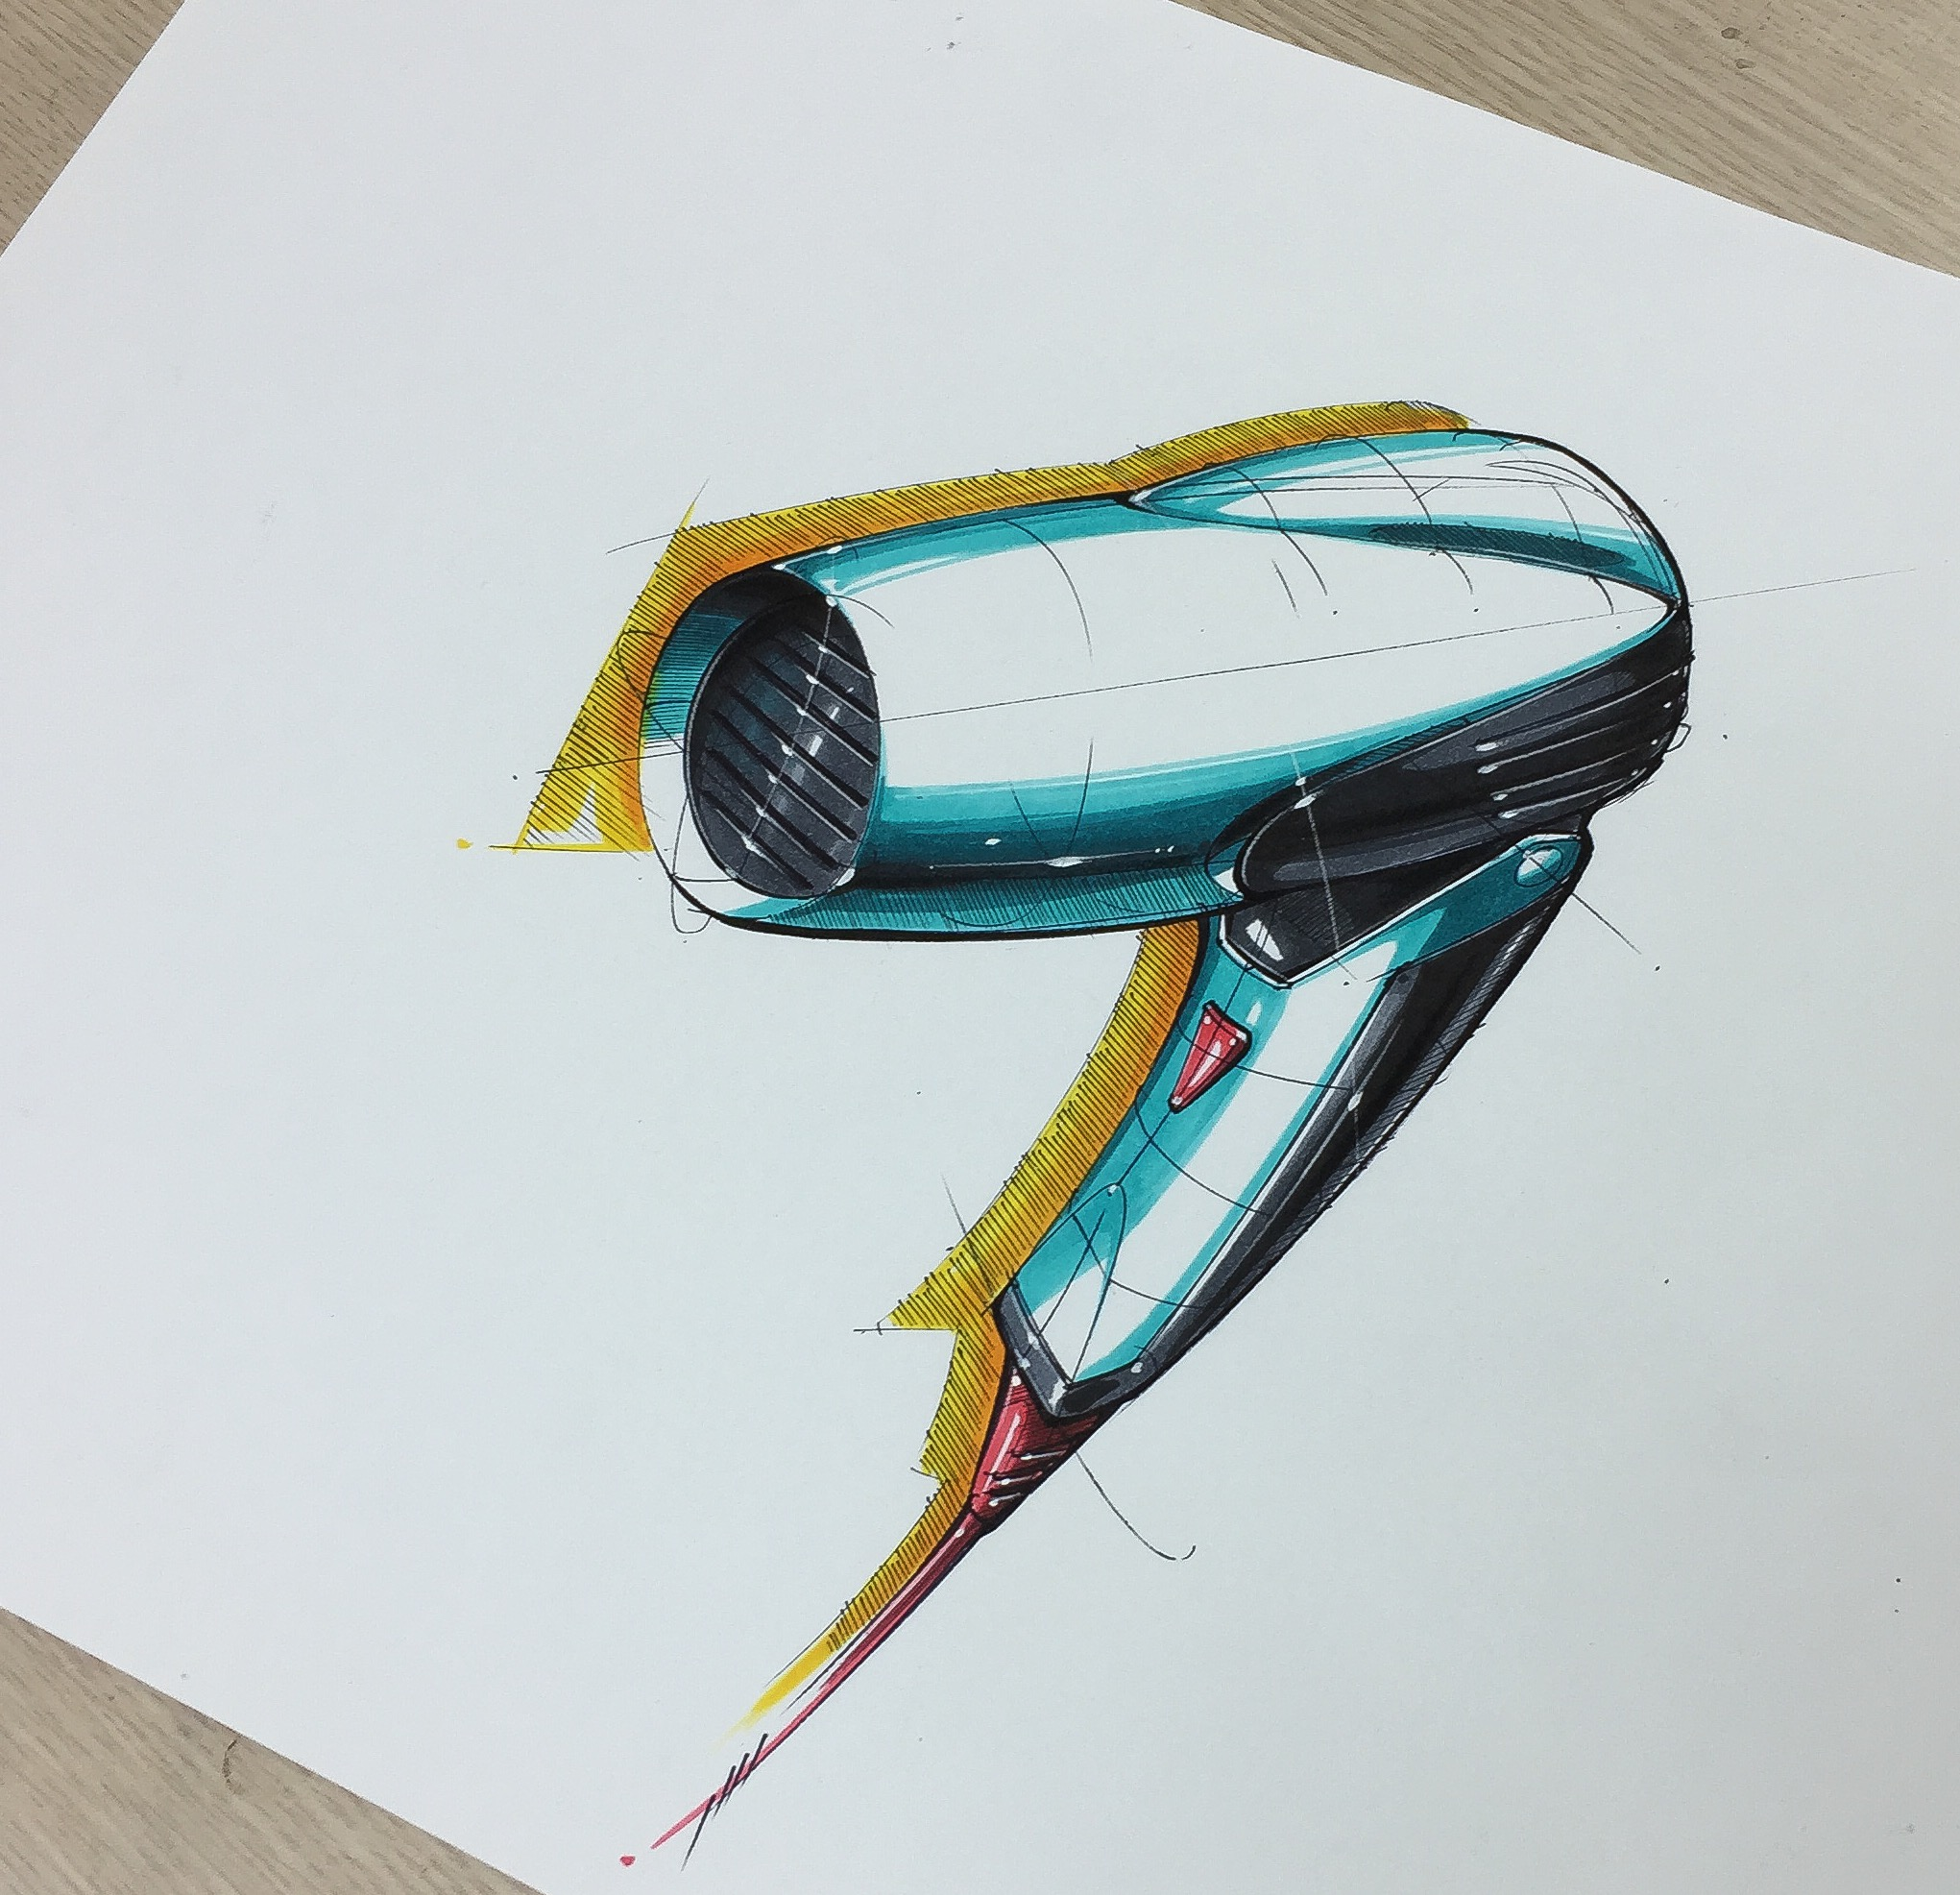 2041x1973 Hair Dryer Sketch Amp Rendering My Sketch Amp Marker Rendering